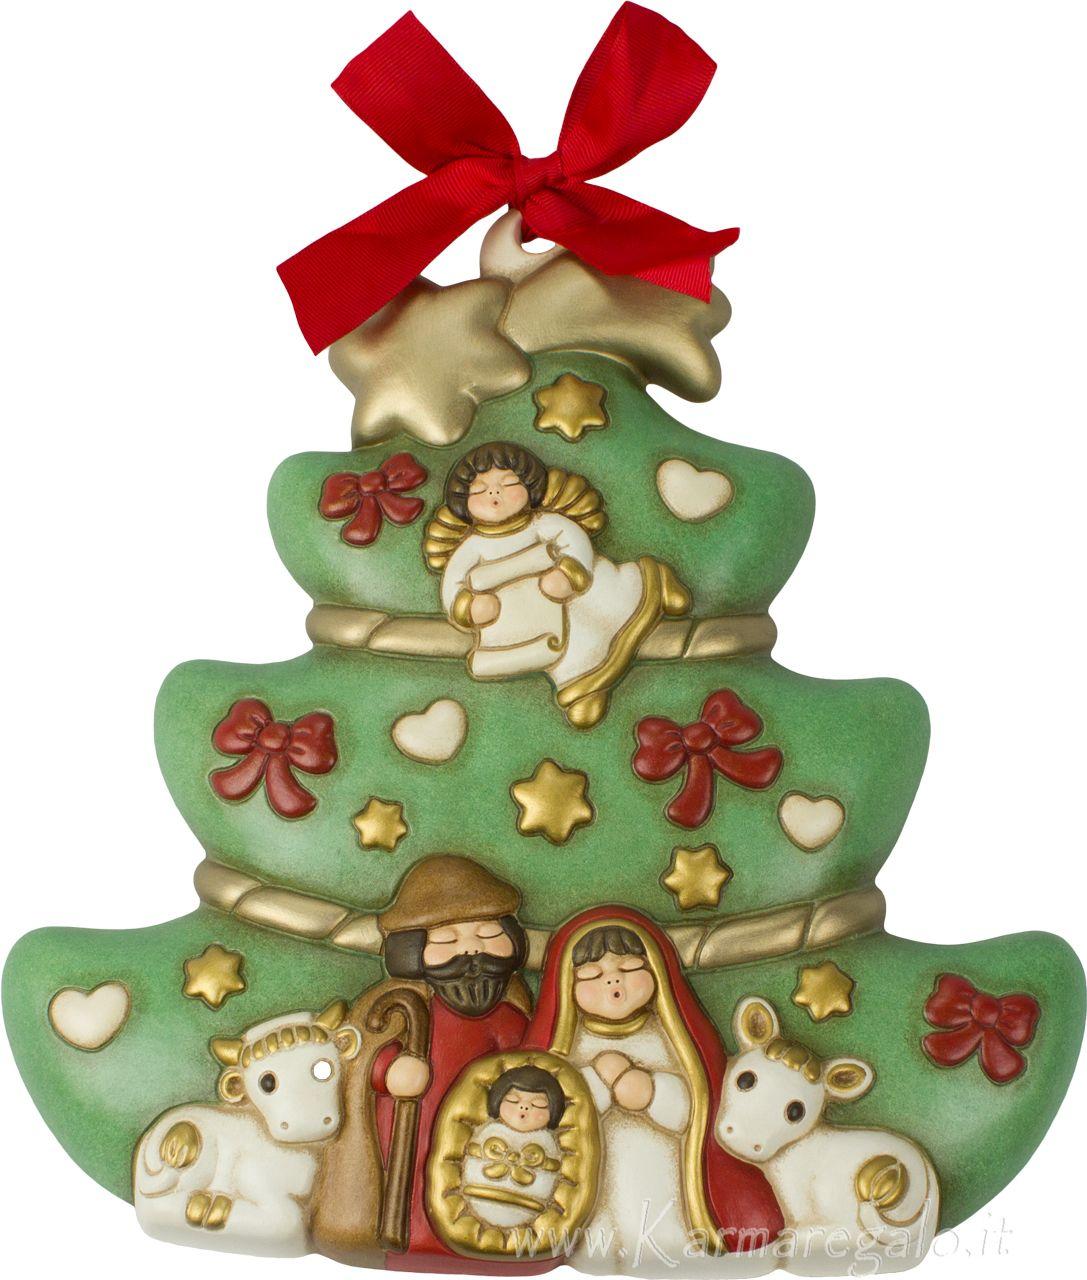 Albero Di Natale Thun Prezzo.Formella Albero Con Sacra Famiglia Thun Formella Natalizia Da Parete Dimensioni 24 X 23 5 Cm Alberi Di Natale Idee Di Natale Idee Per L Albero Di Natale